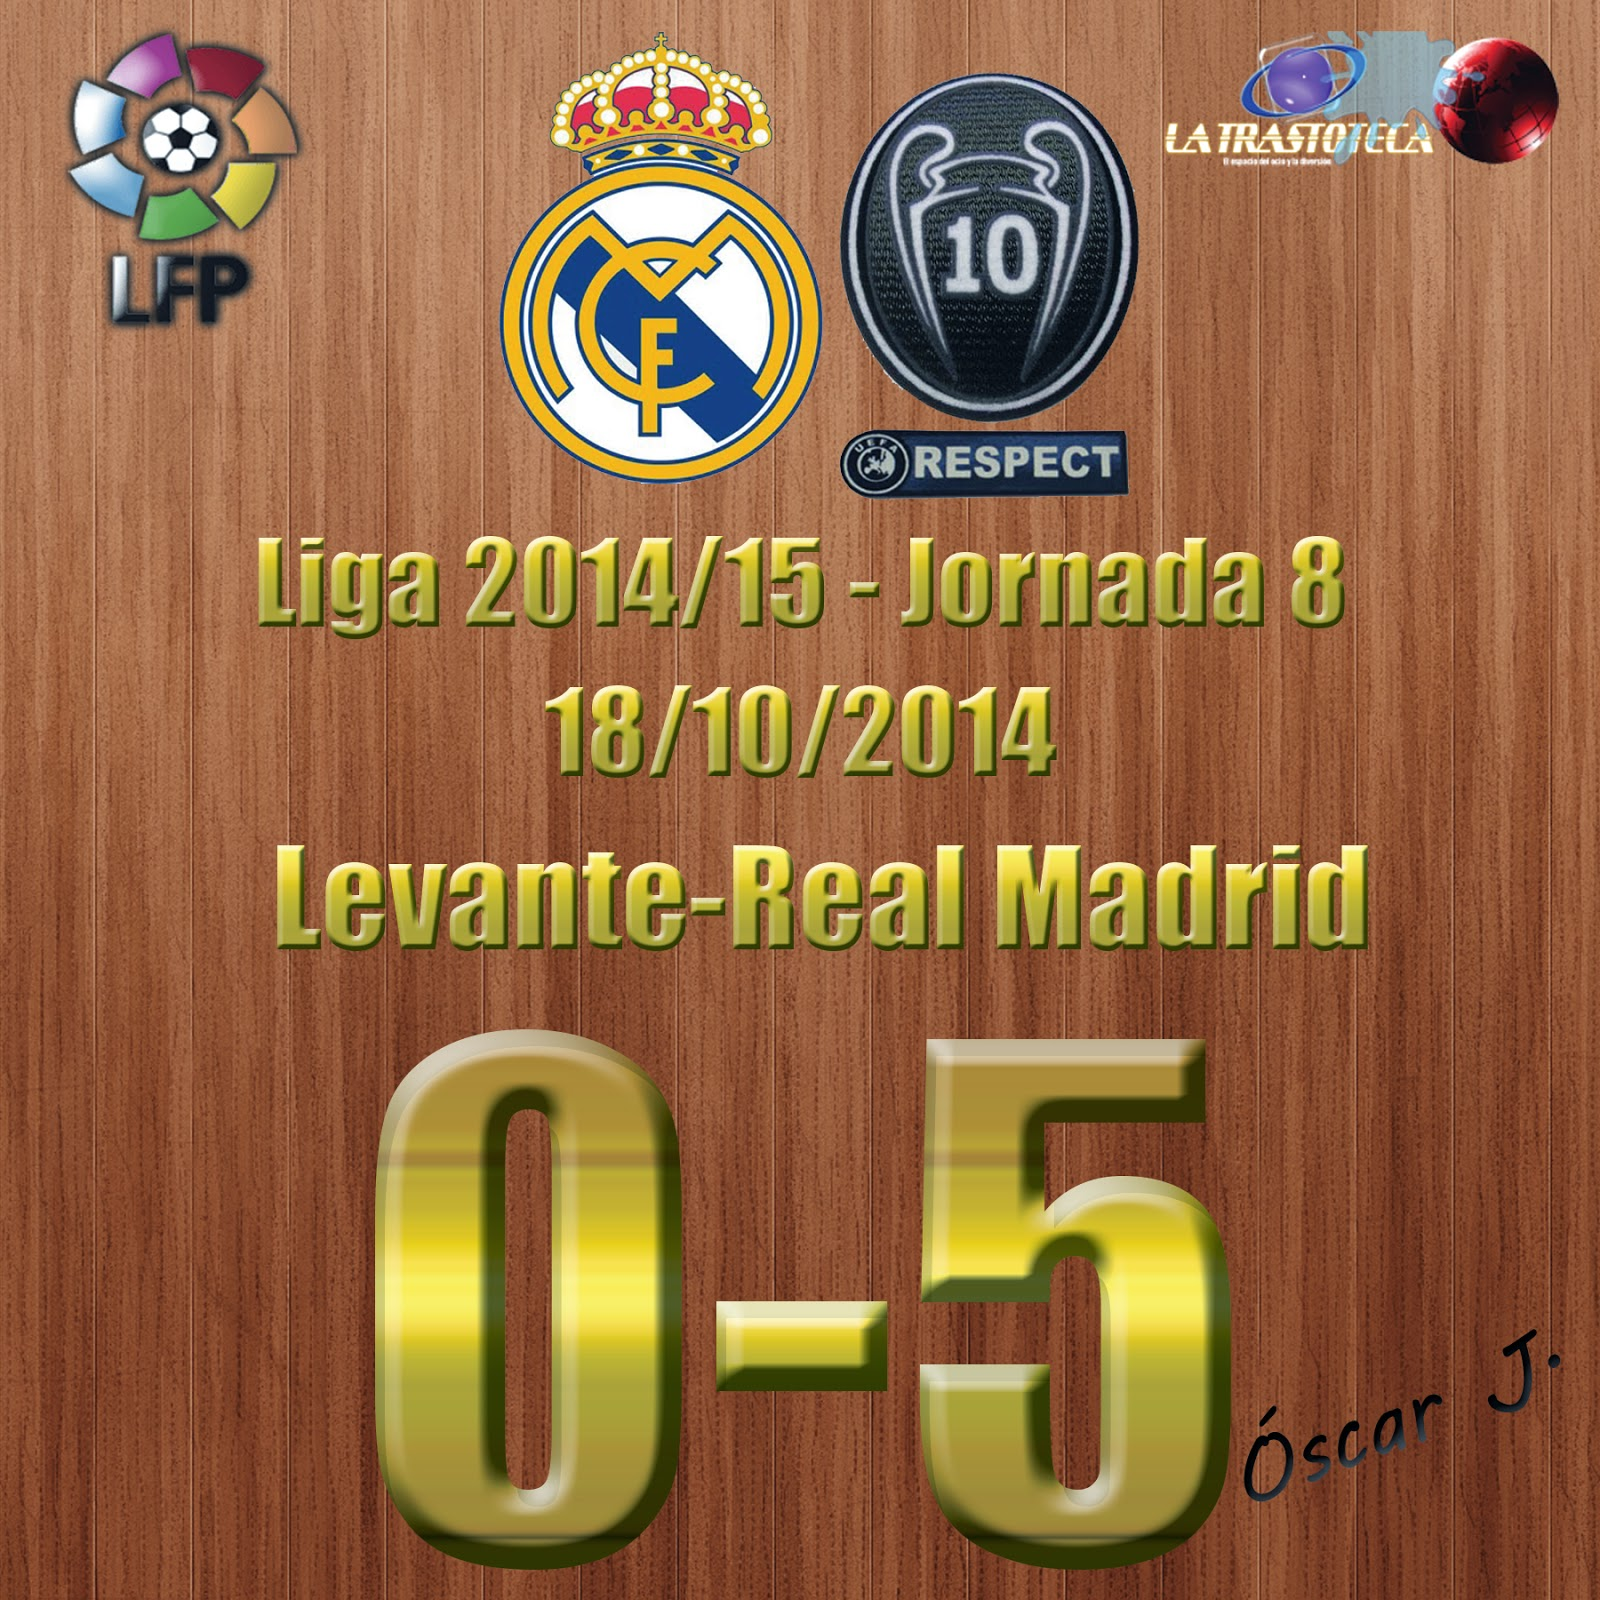 Cristiano Ronaldo - Nuevo Récord Histórico - Mejor Arranque Goleador - Levante 0-5 Real Madrid - Liga 2014/15 - (18/10/2014)